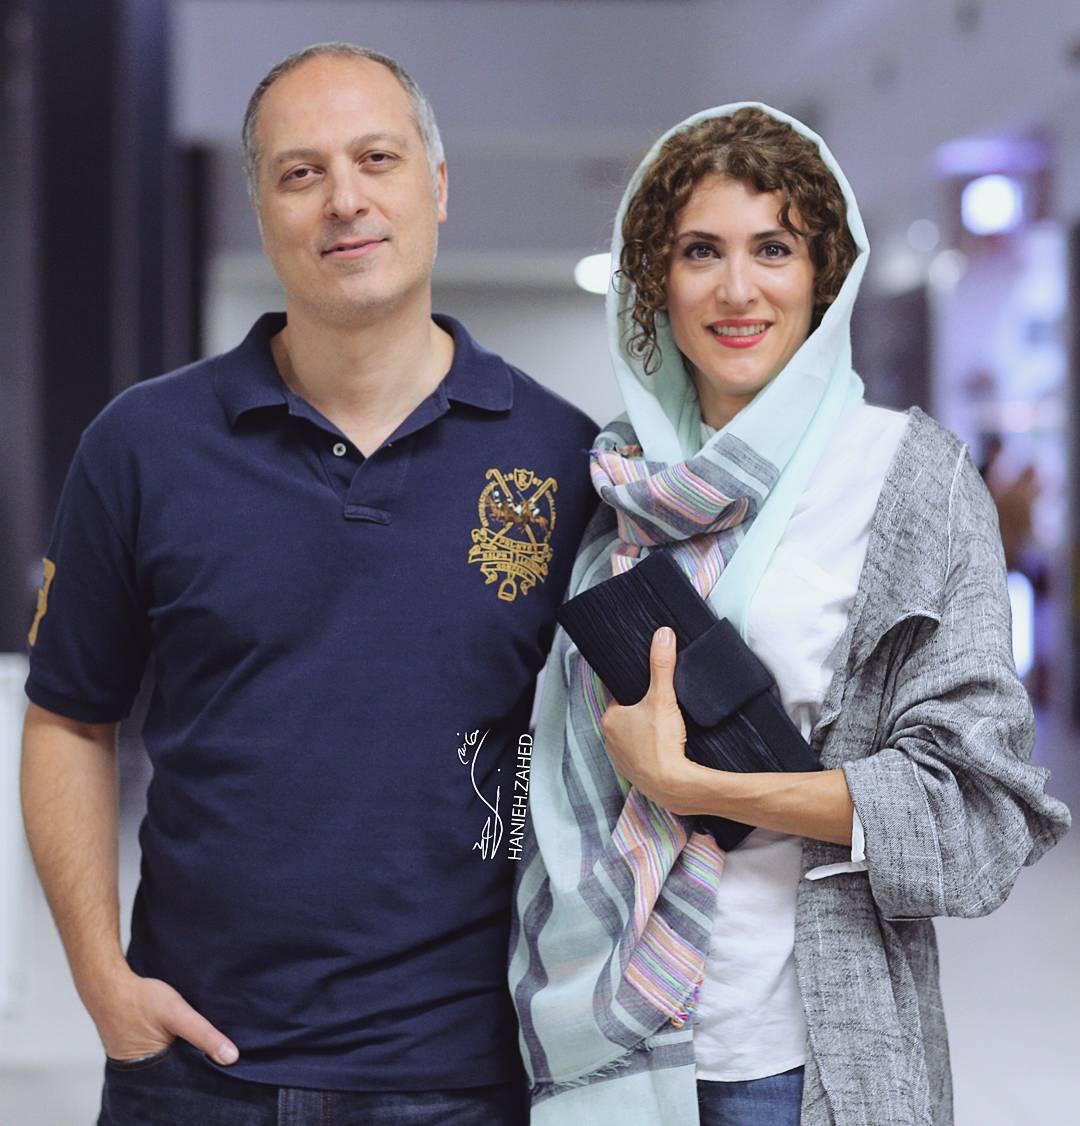 ویشکا آسایش و همسرش در اکران فیلم اژدها وارد میشود